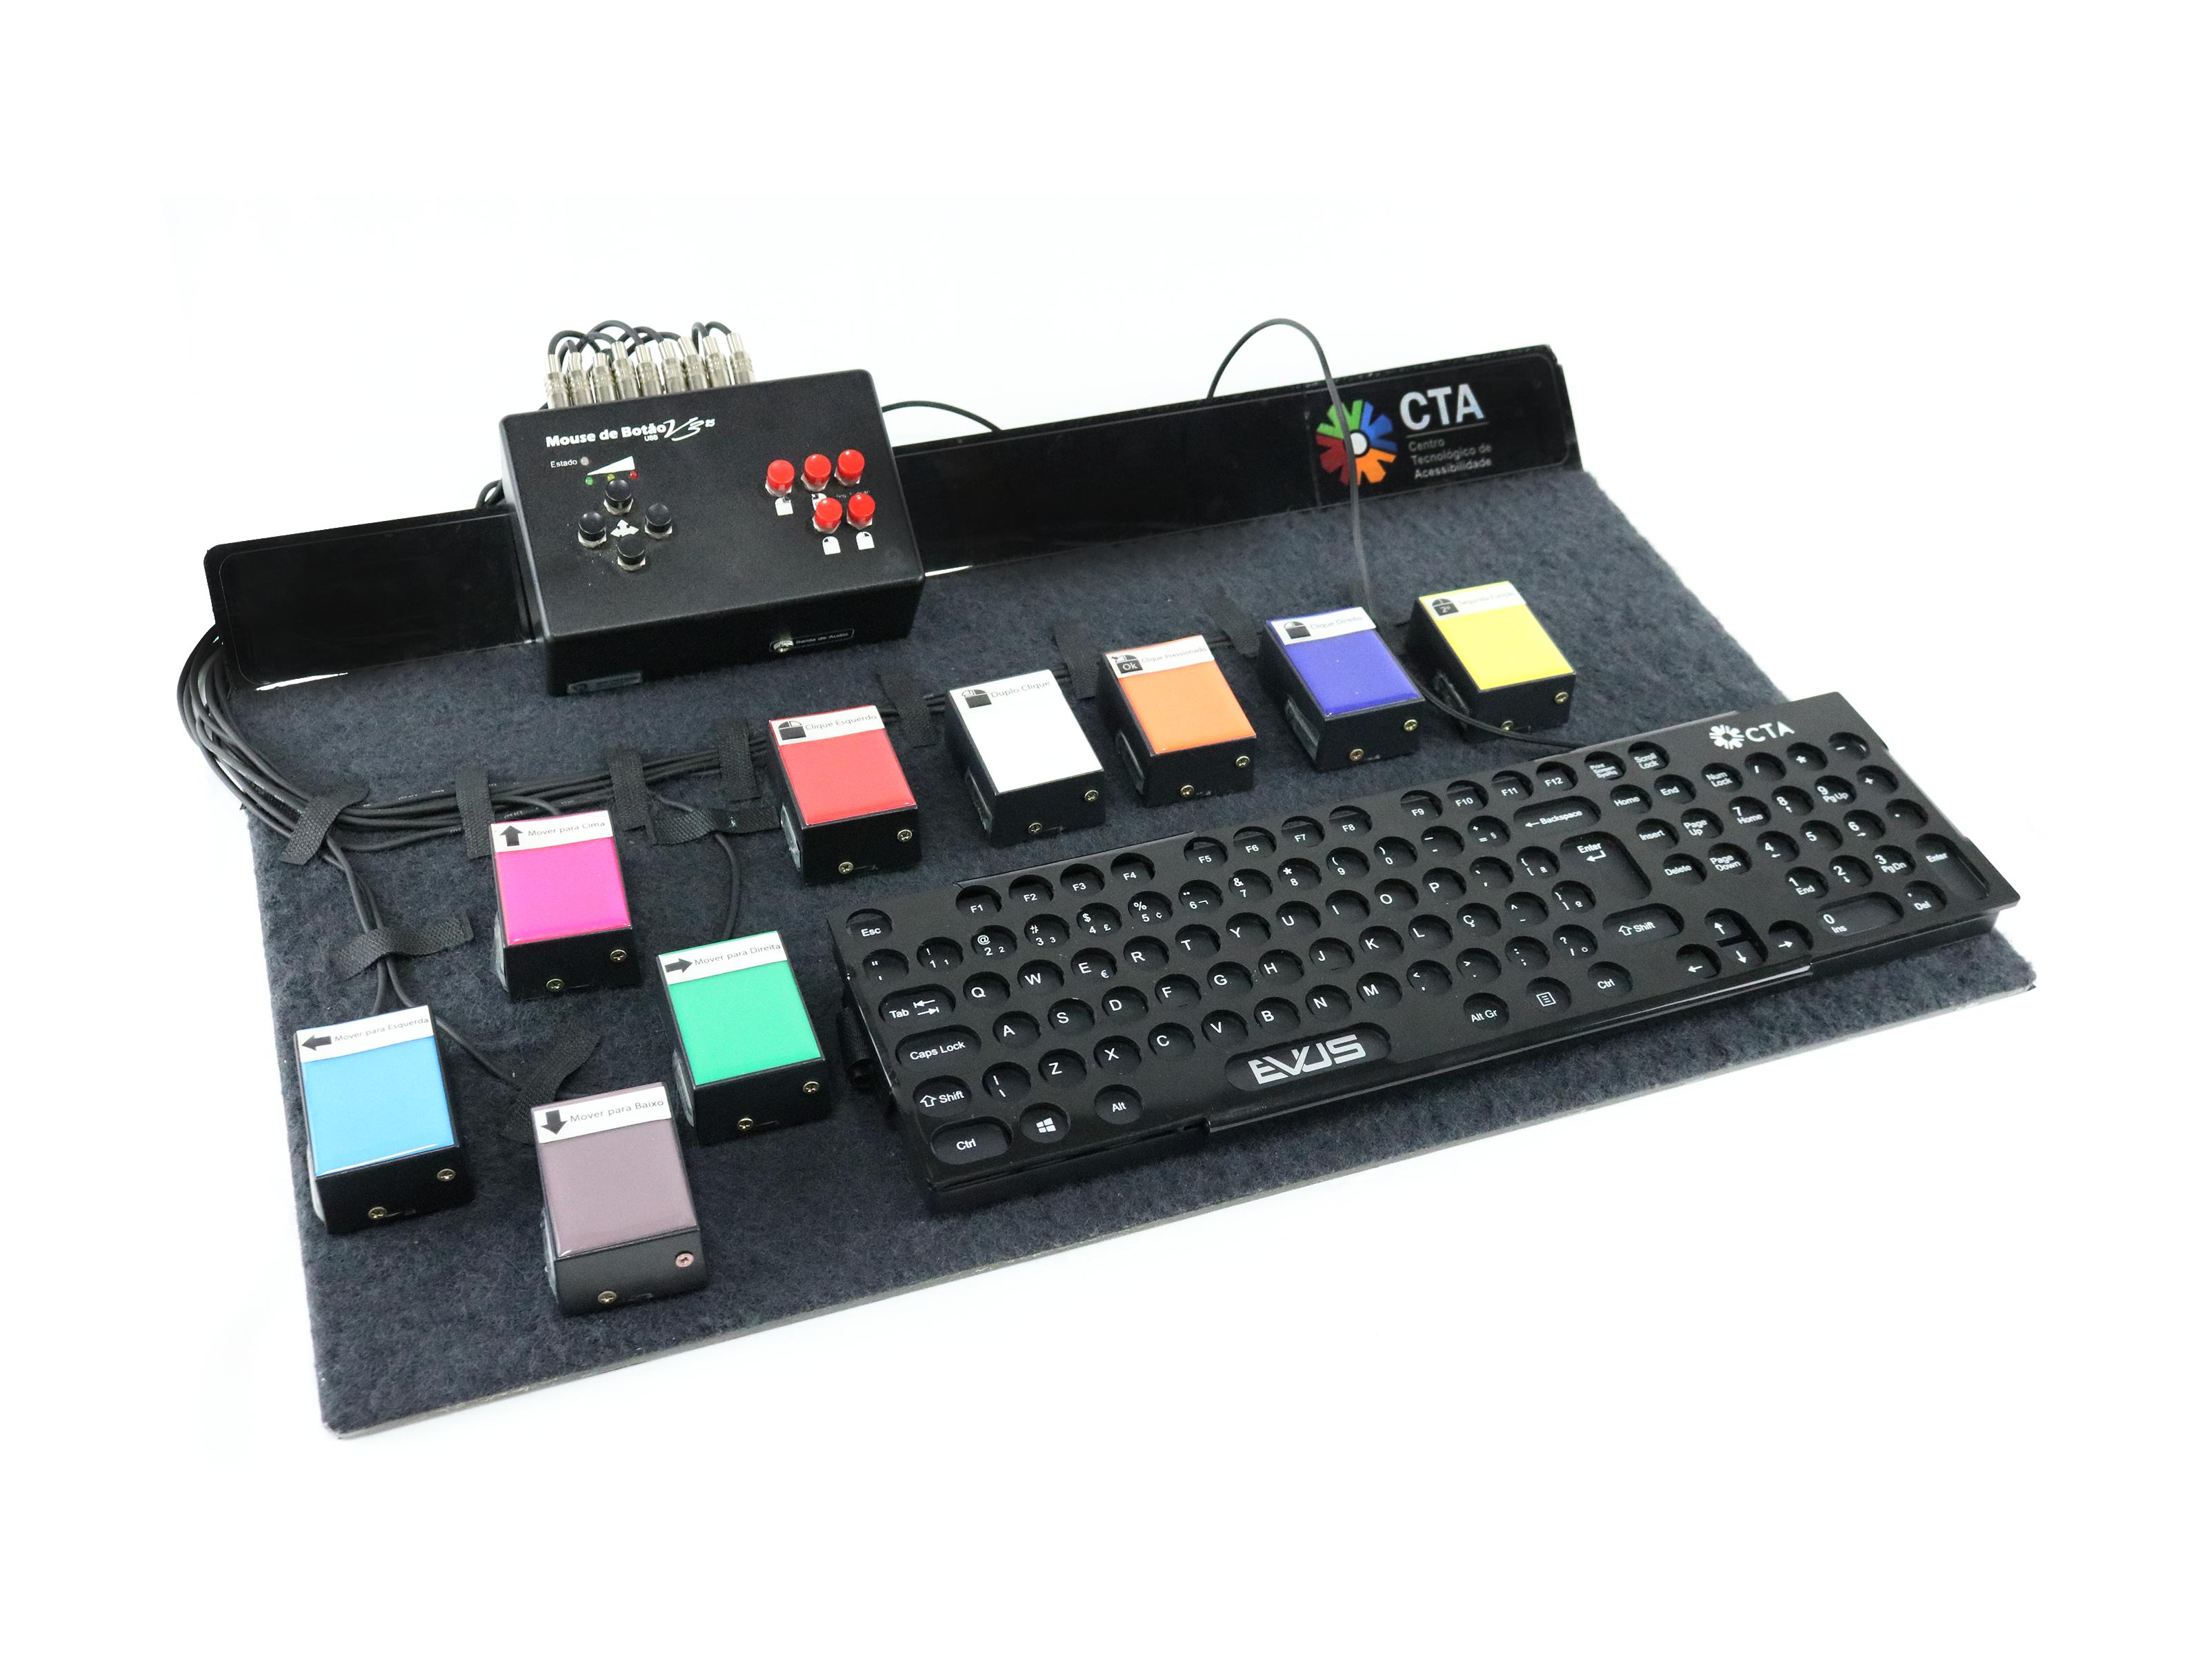 Prancha com velcro em toda sua superfície. Sobre ela, um mouse de botão, um teclado com colmeia e 9 acionadores